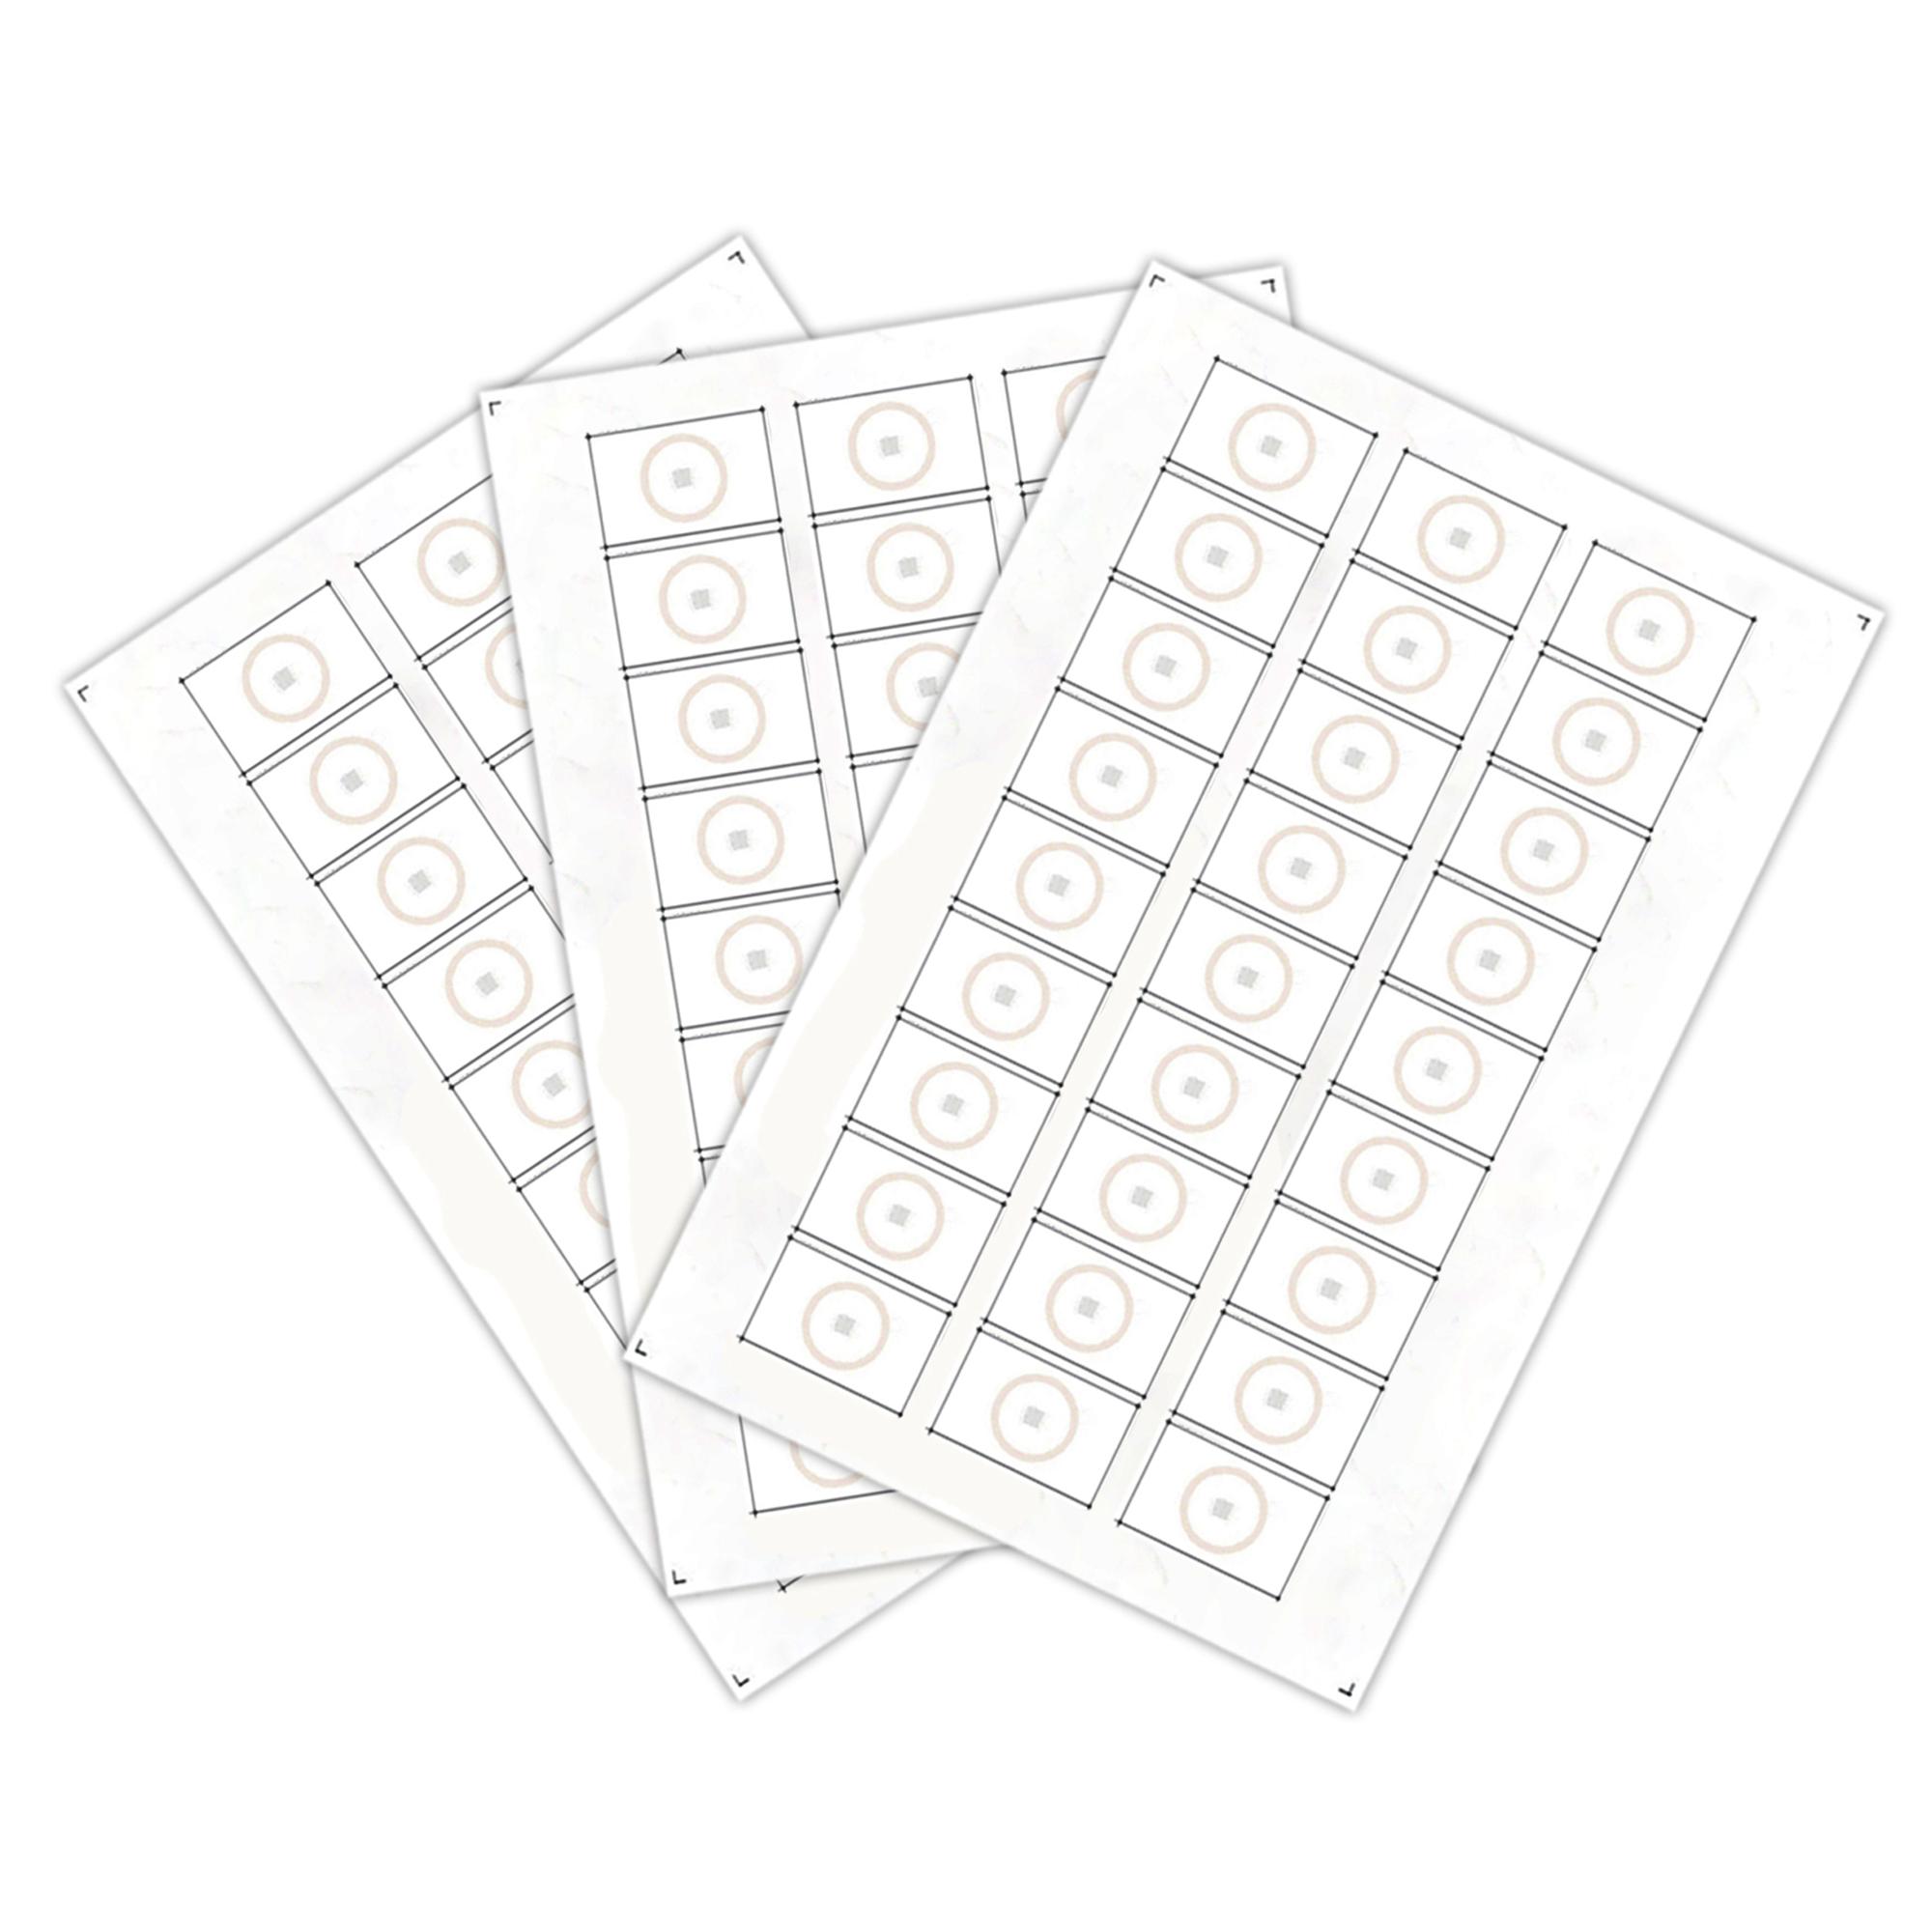 Сырье (инлей) для производства бесконтактных пластиковых RFID-брелоков с чипом Mifare 1K (24 чипов на листе формата A4)